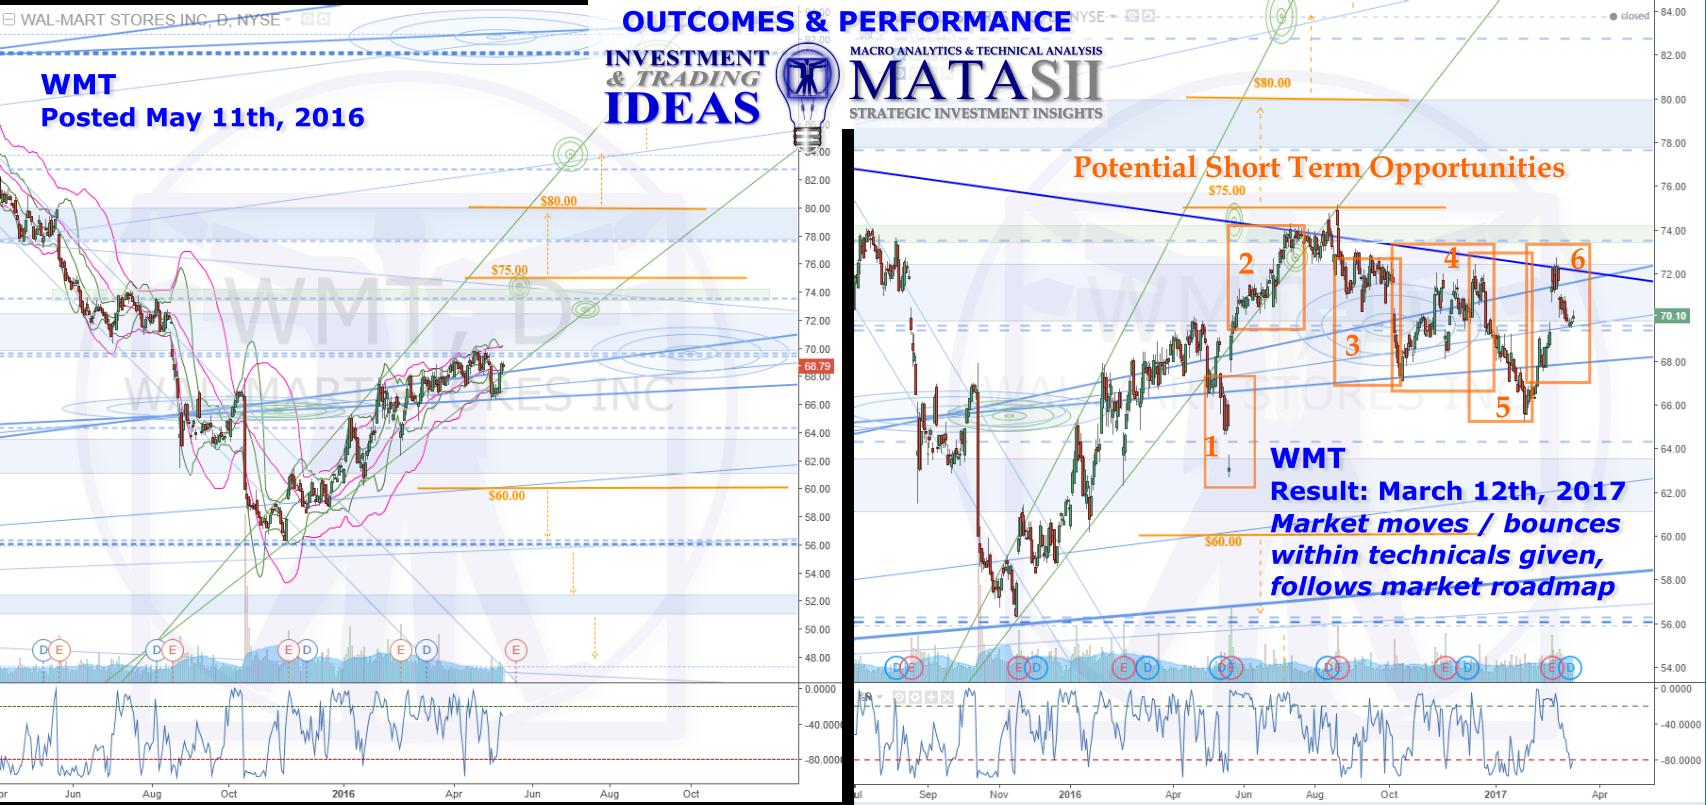 WMT IDEA OUTCOME, HPTZ Method & Market Road Map